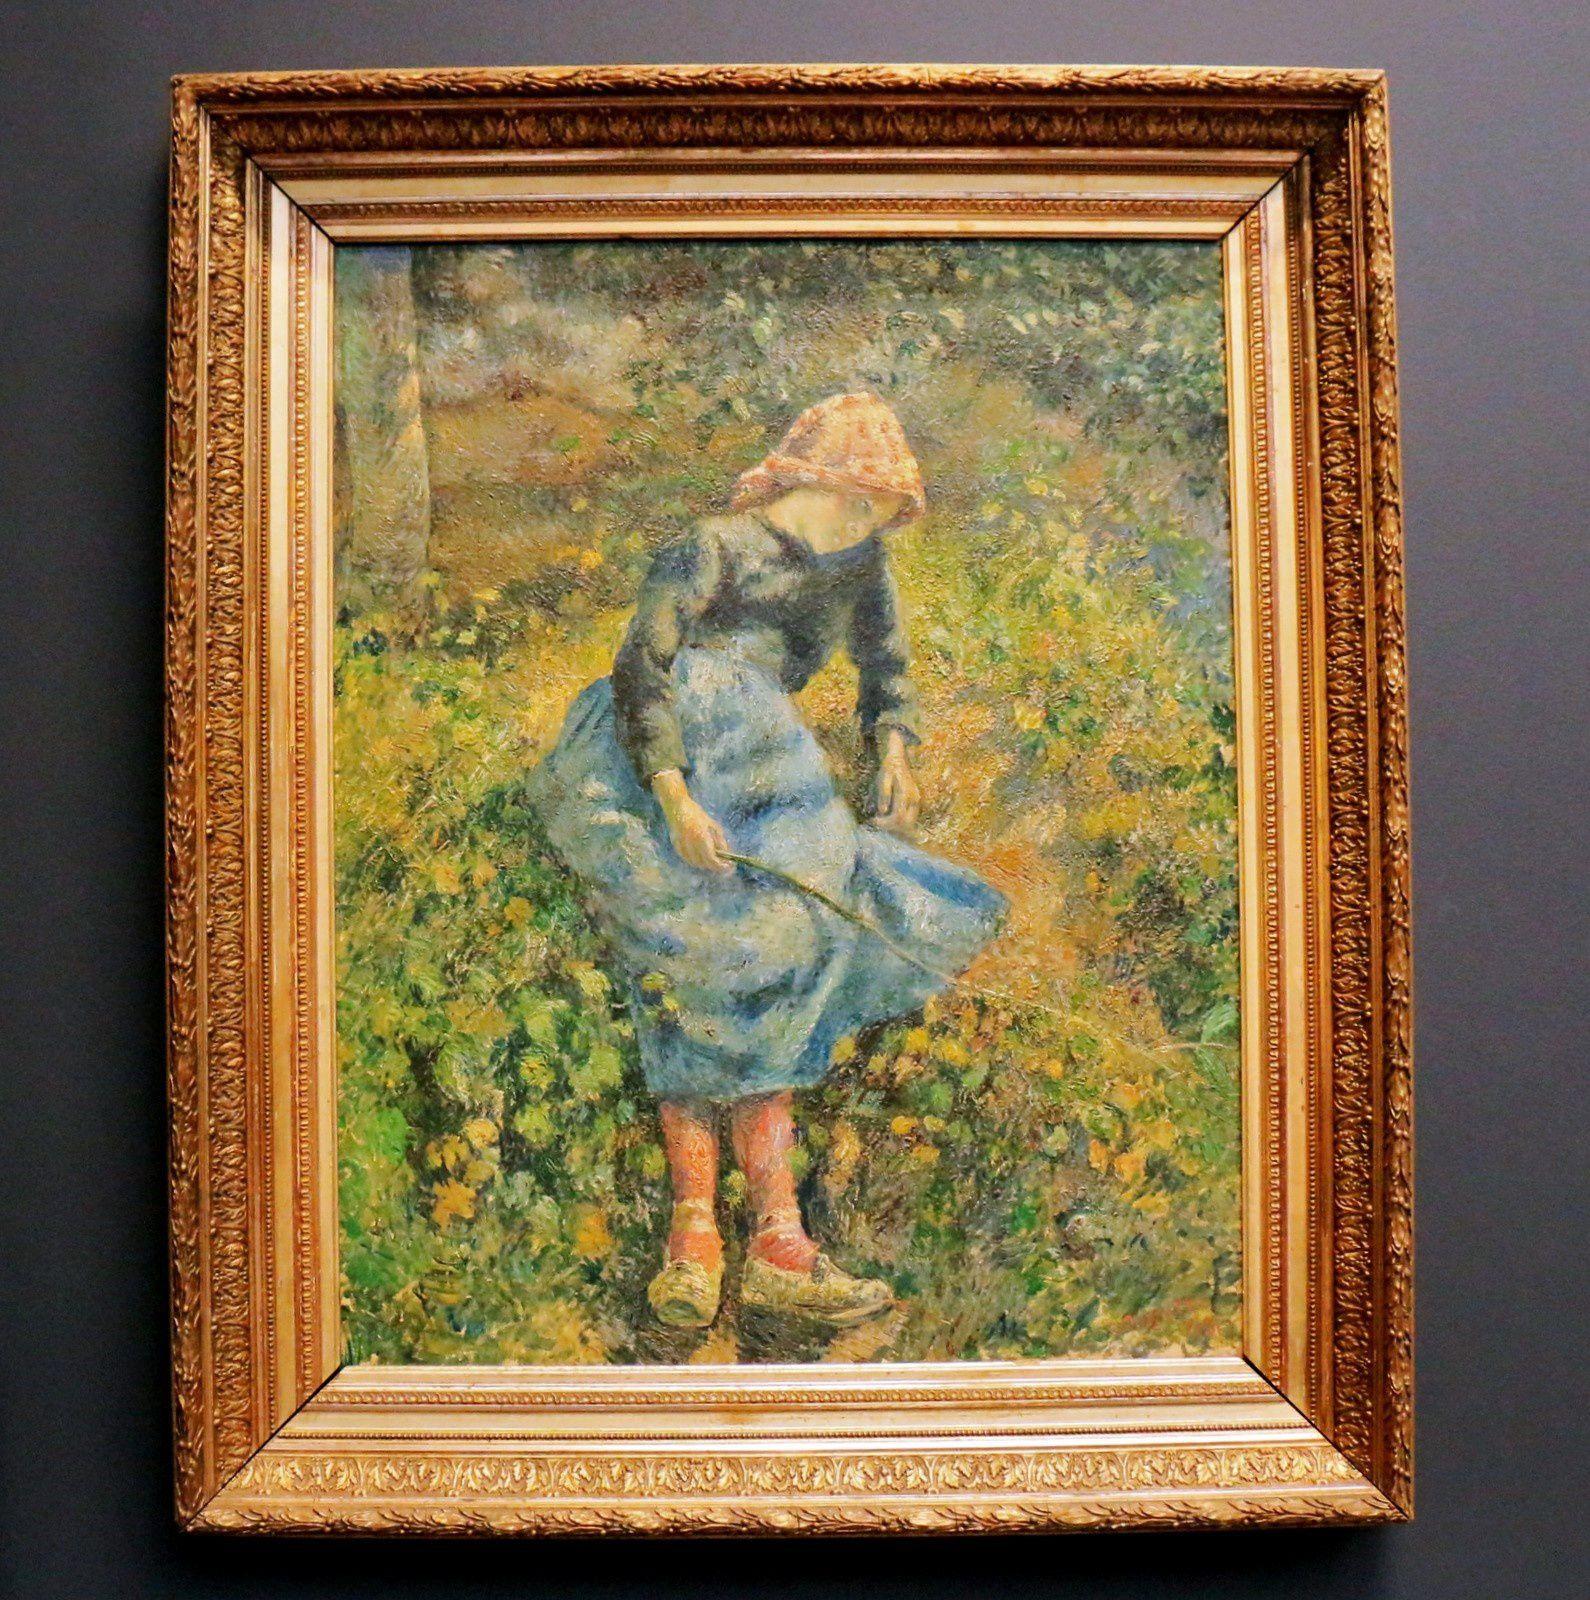 Camille Pissarro, La bergère